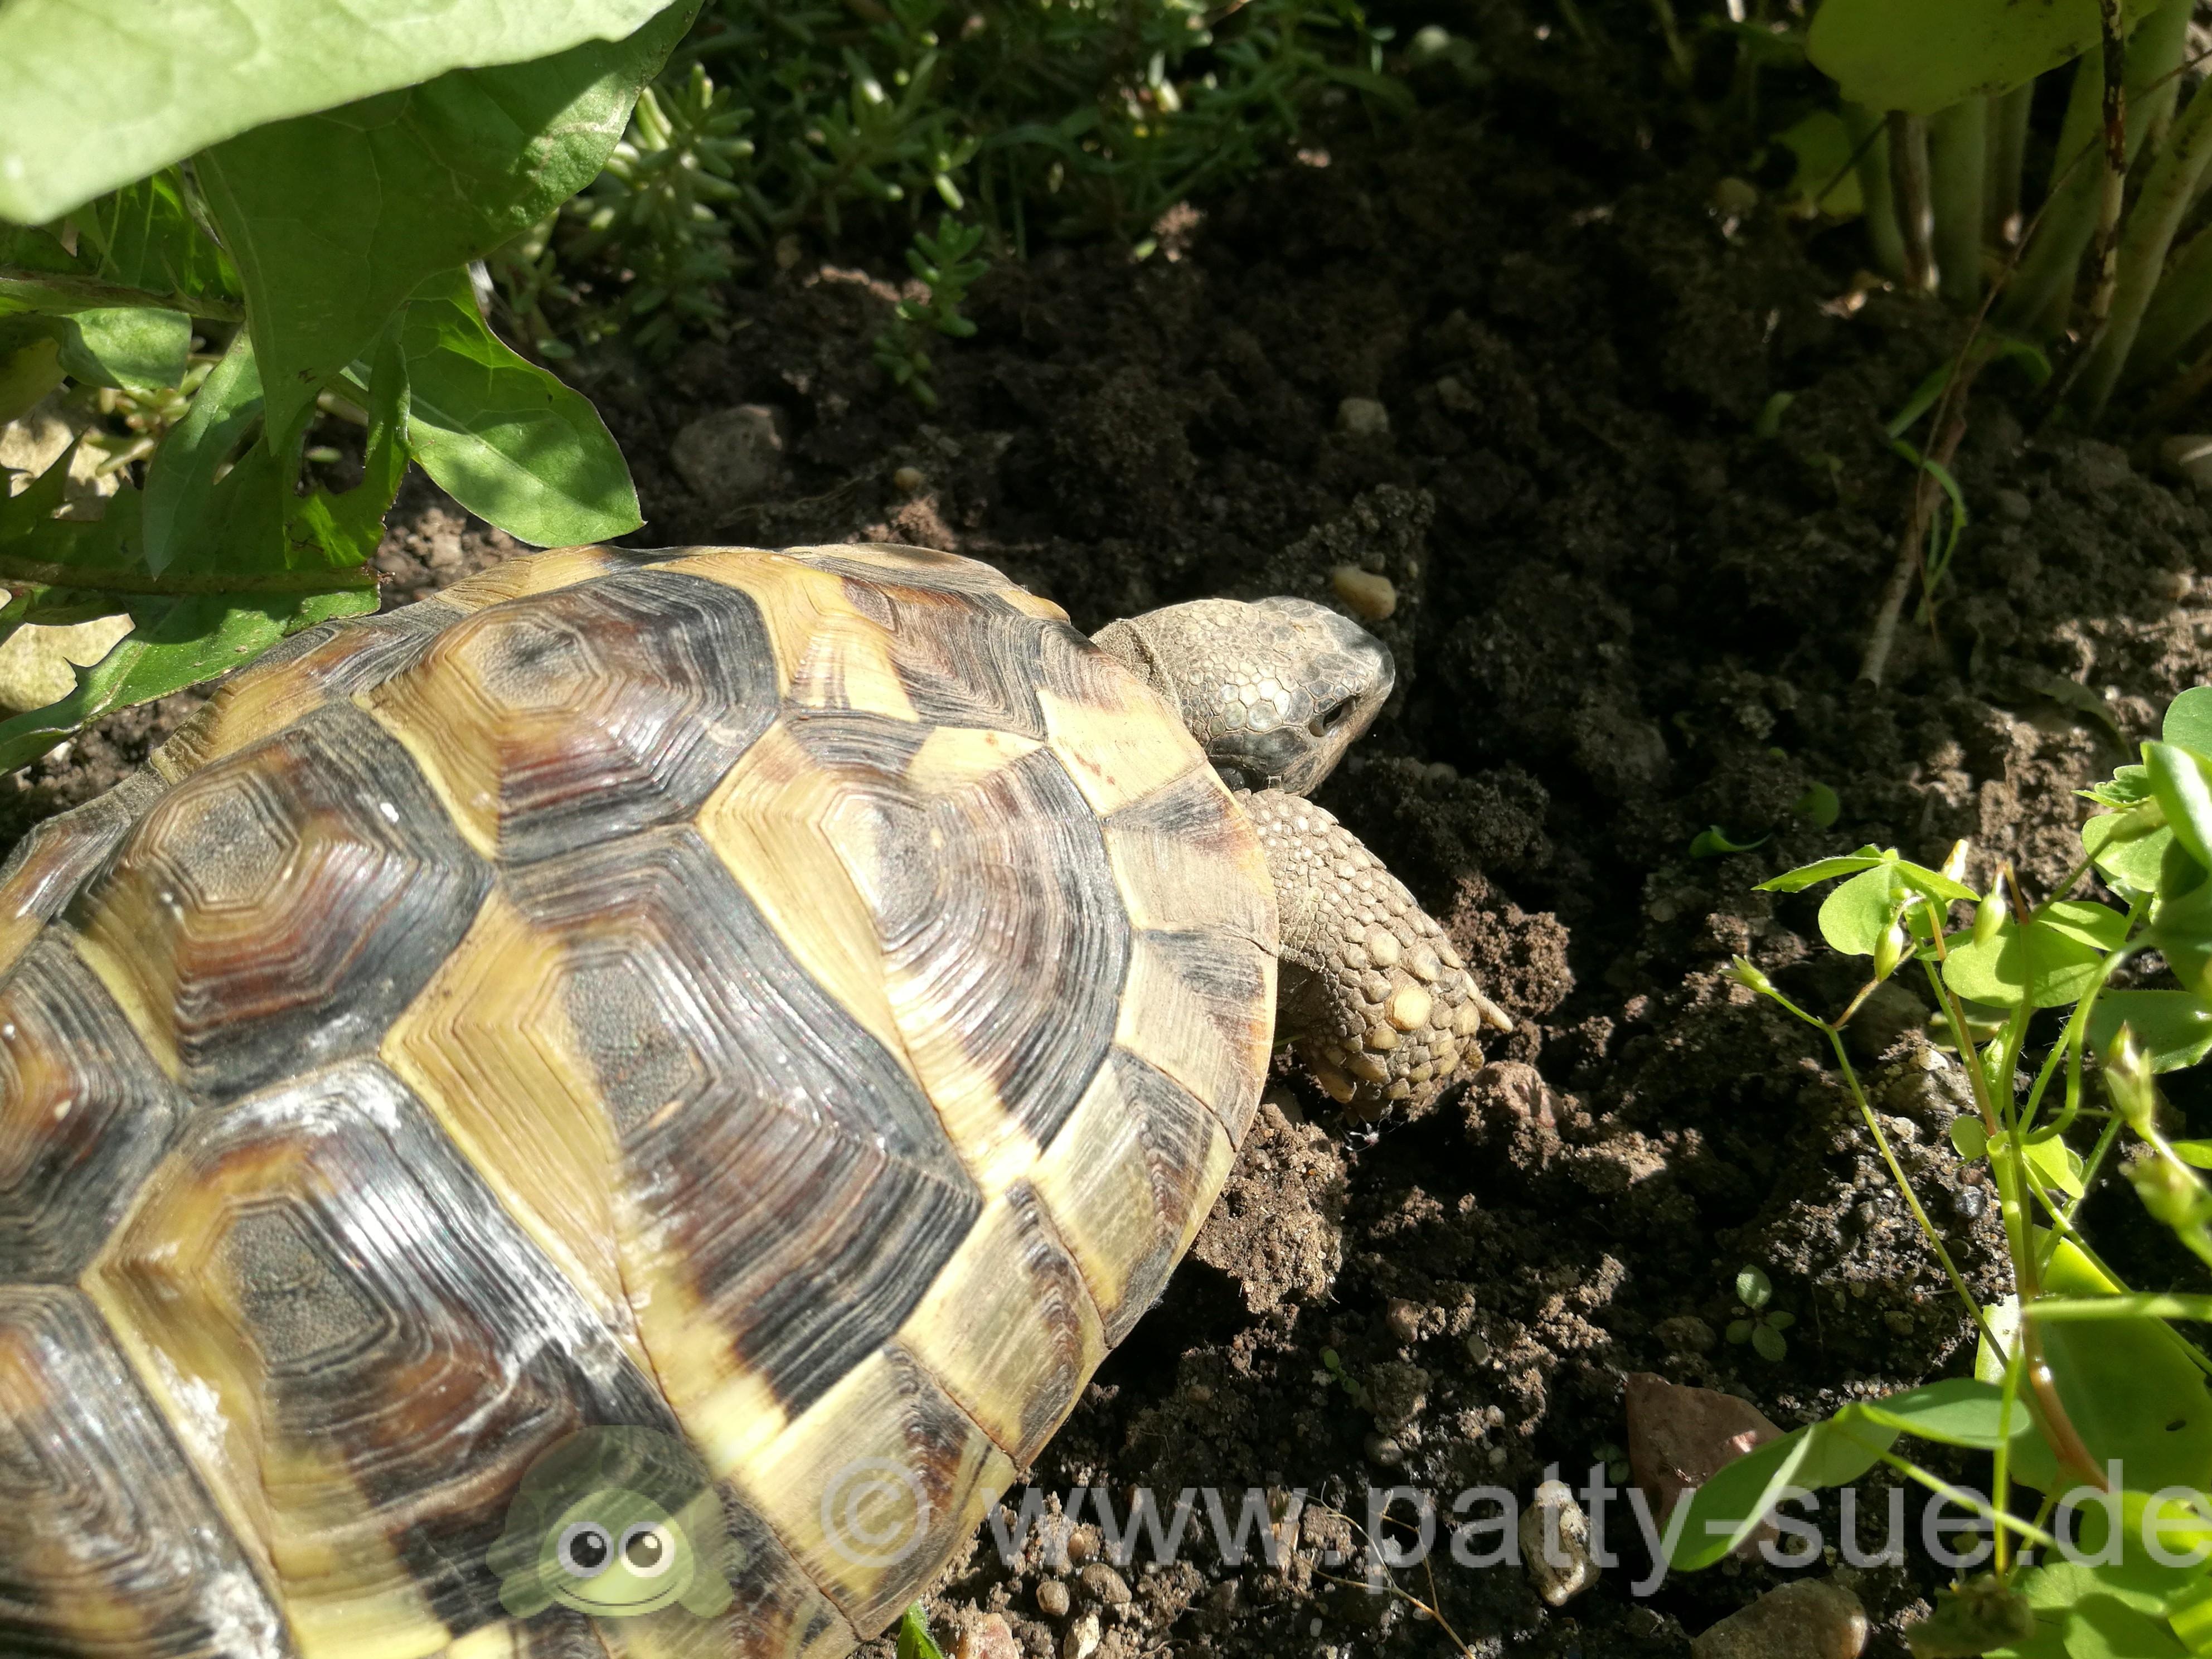 17) Schildkröten verschlafen den ganzen Tag und sind unsportlich ...